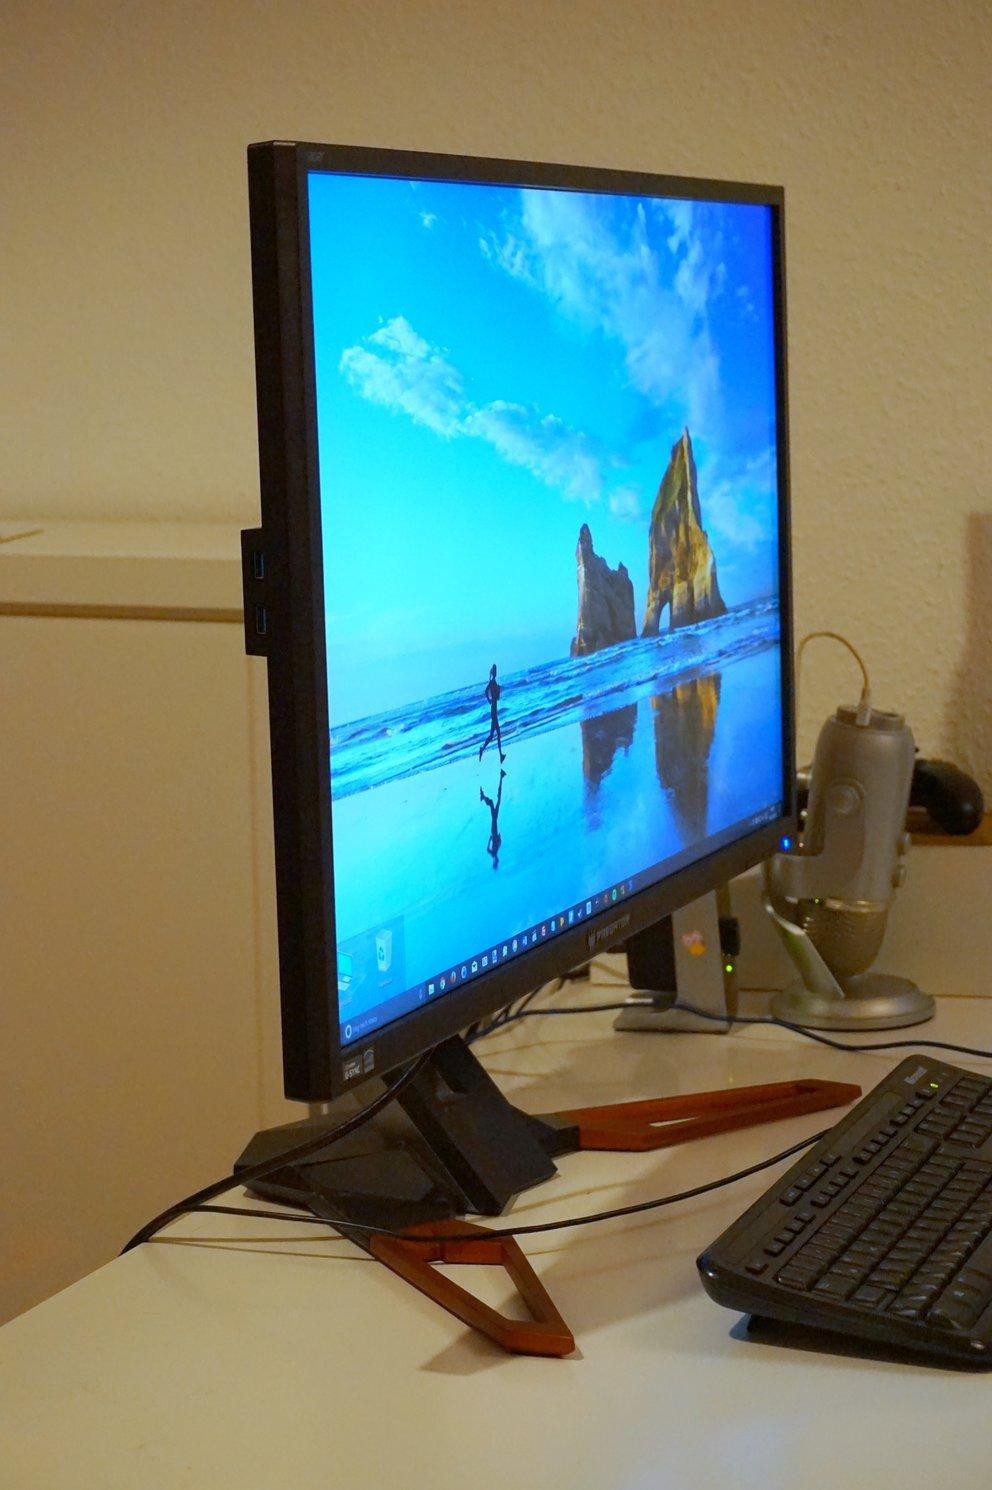 Der Acer Predator XB321HK bietet auch bei steilen Betrachtungswinkeln ein solides Bild